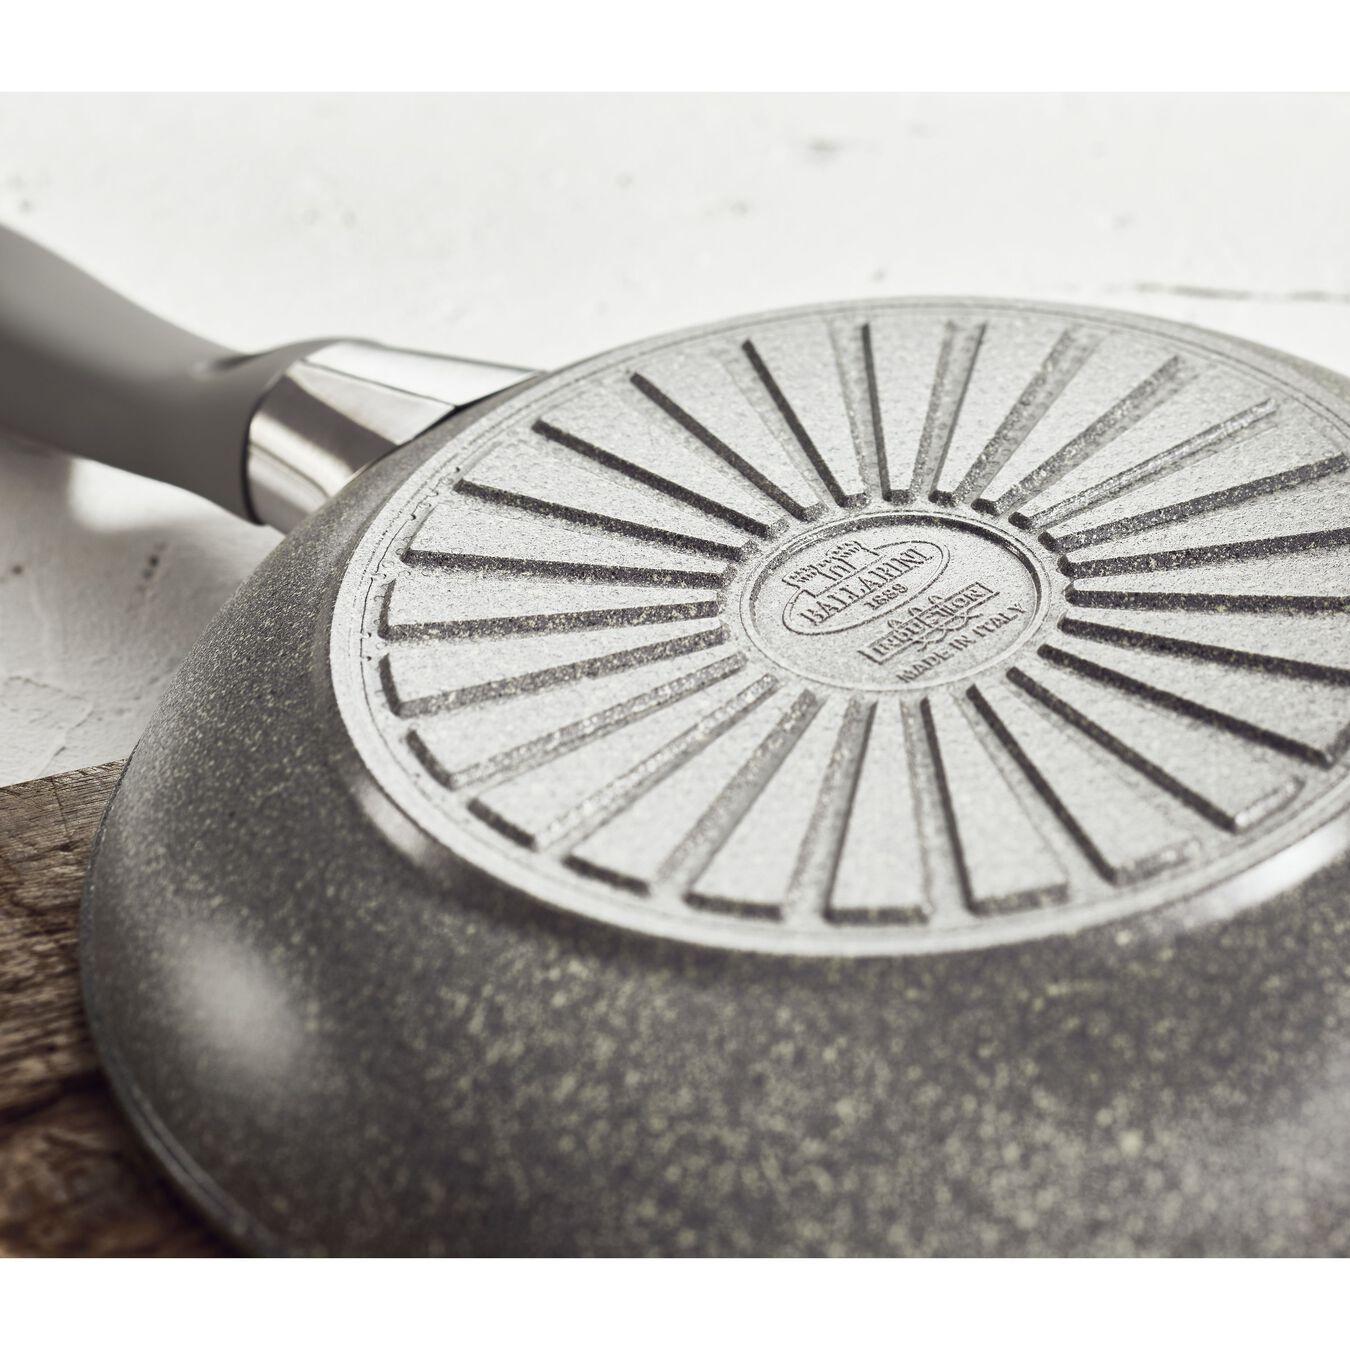 Tegame - 24 cm, alluminio,,large 2